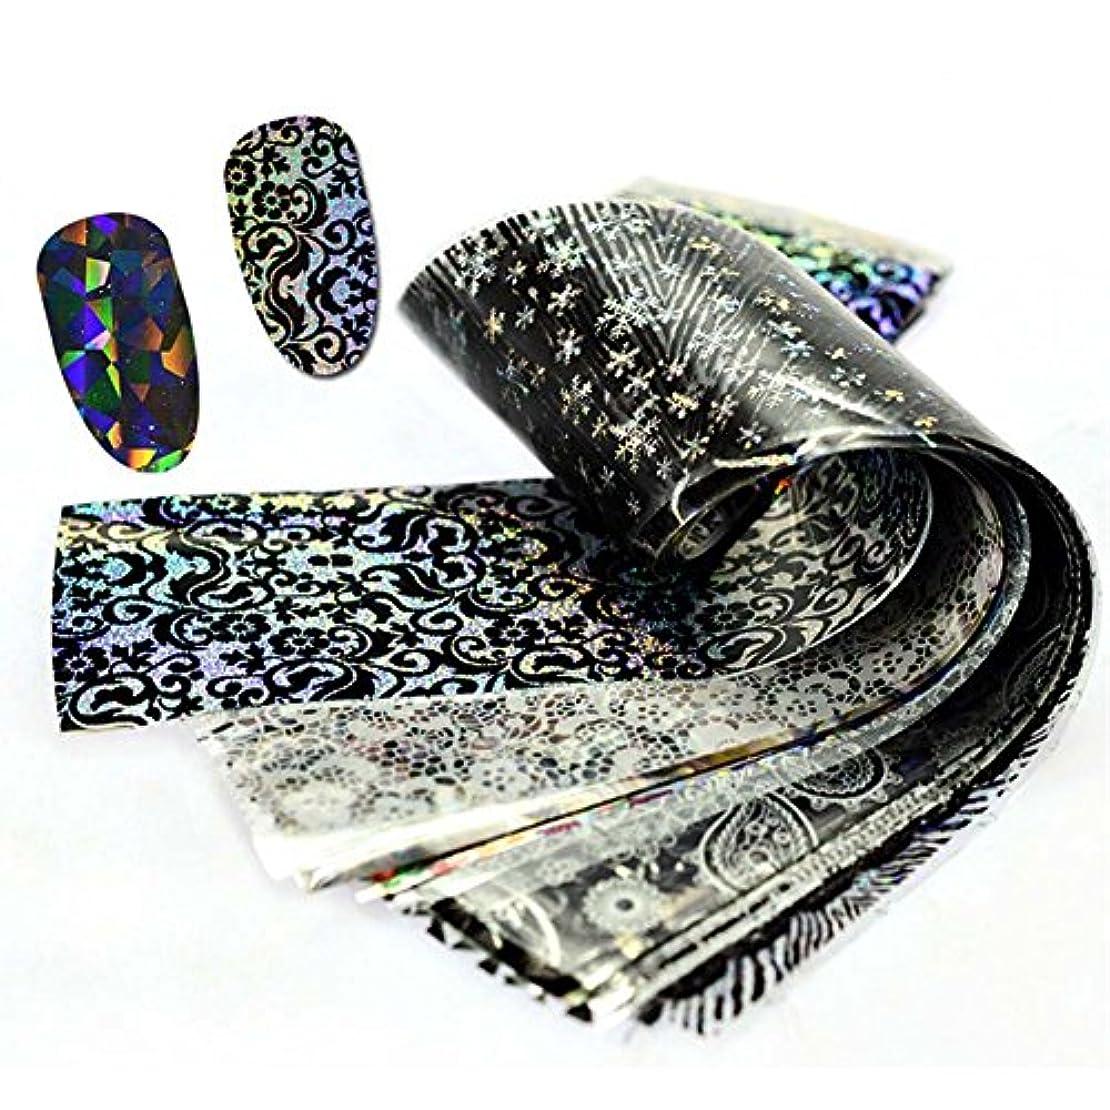 ミット在庫クレーターLookathot 3/10/50シートレーザースカイスターズネイルアートステッカーシンフォニーカラフルな箔紙印刷転写アクリルデカールDIYの装飾用具